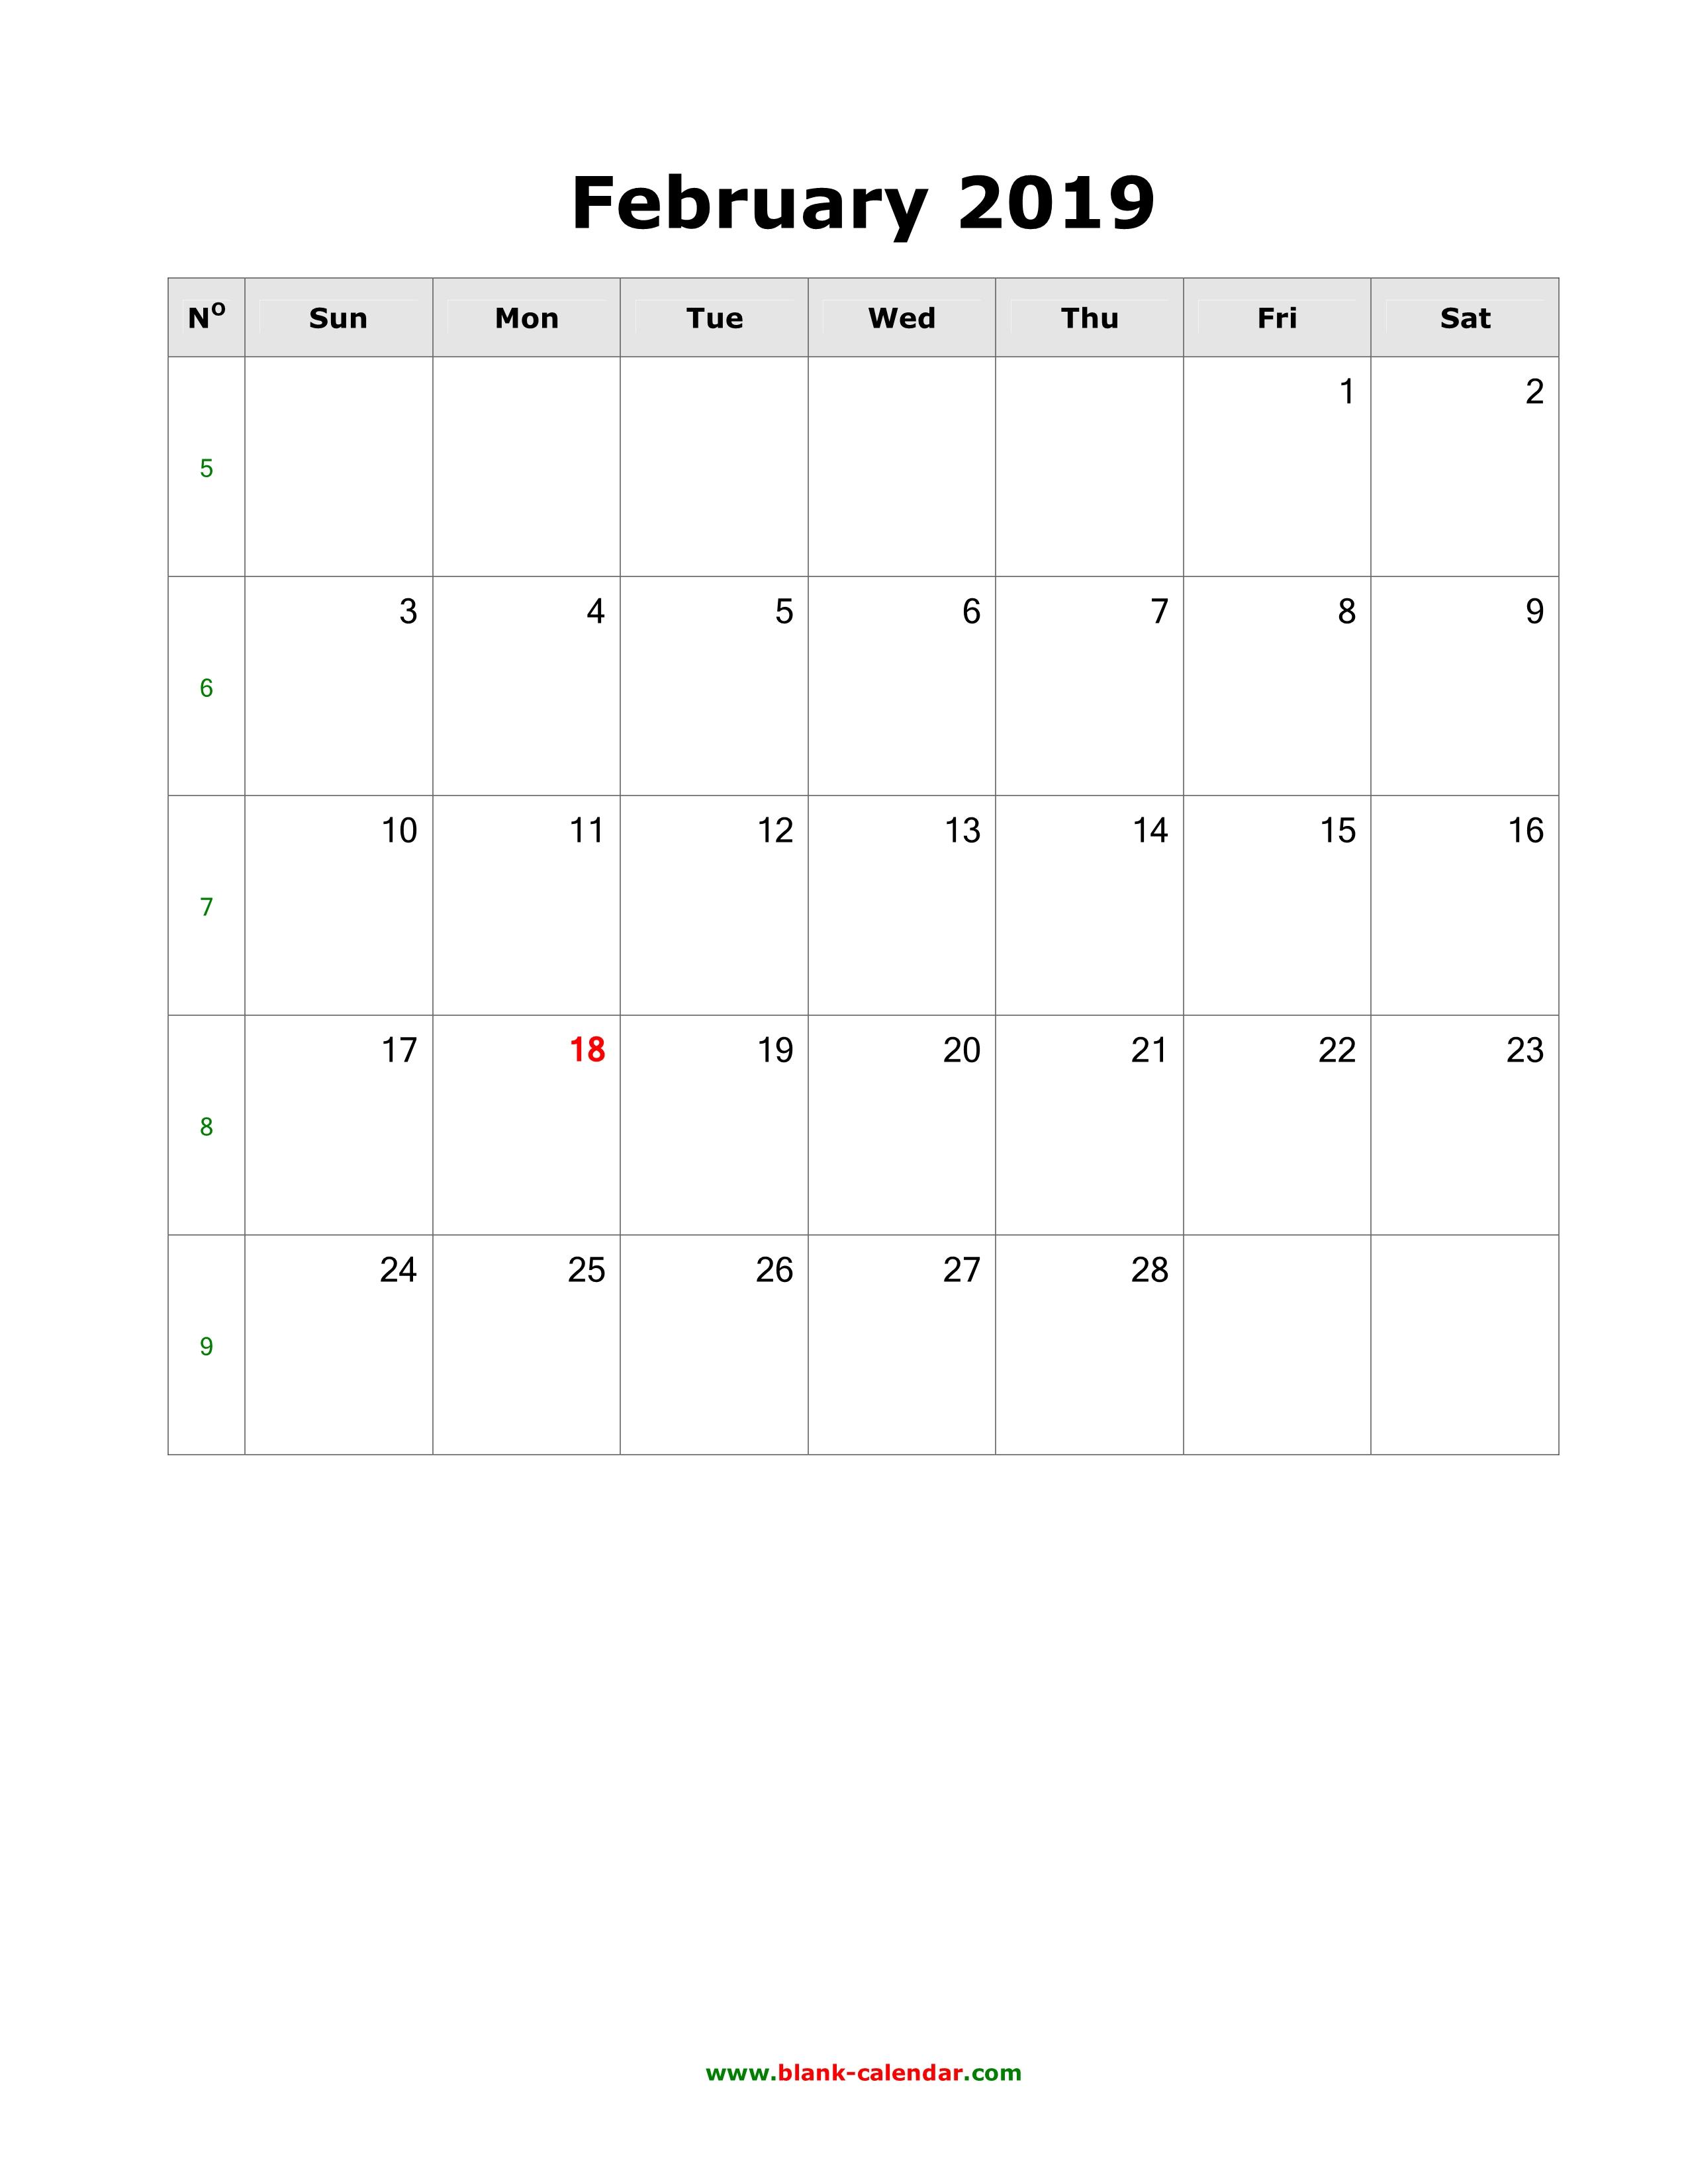 February Calendar 2019 To Do List